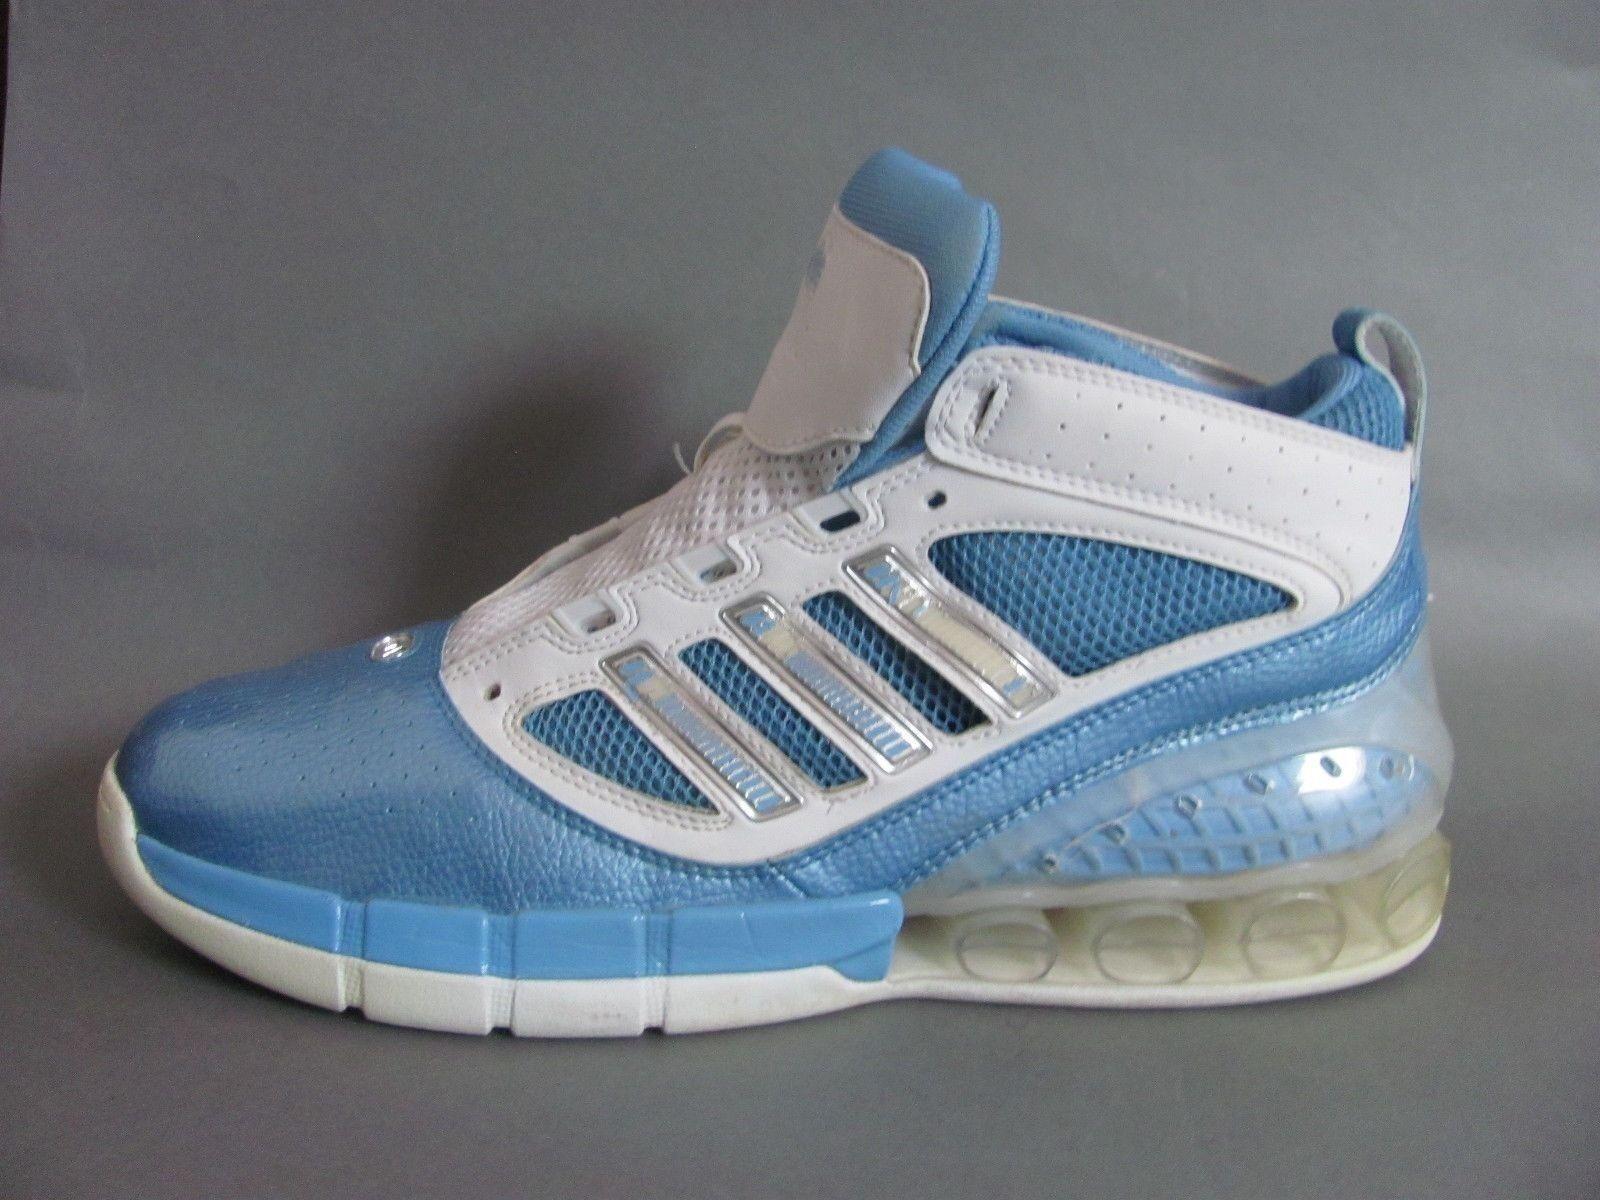 Adidas - werbespot stichprobe rapid auf basketball - 11.5m schuhe g09749 männer uns 11.5m - 4c3959